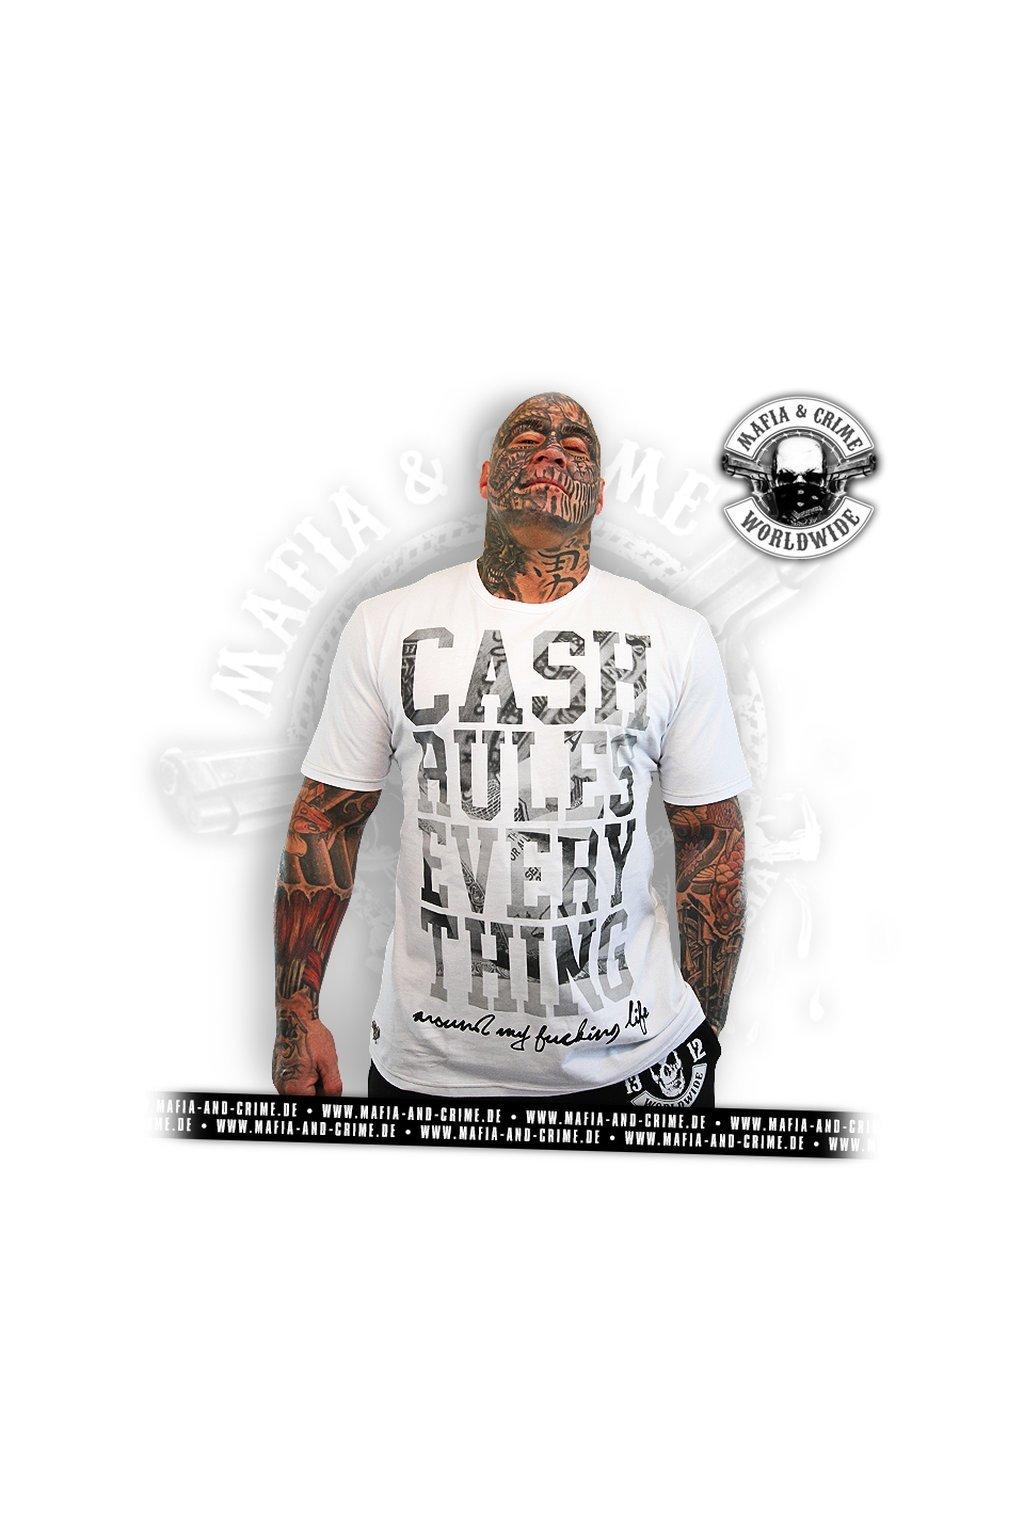 Pánské triko Mafia & crime CRE Special Edition Cash Shirt obr1